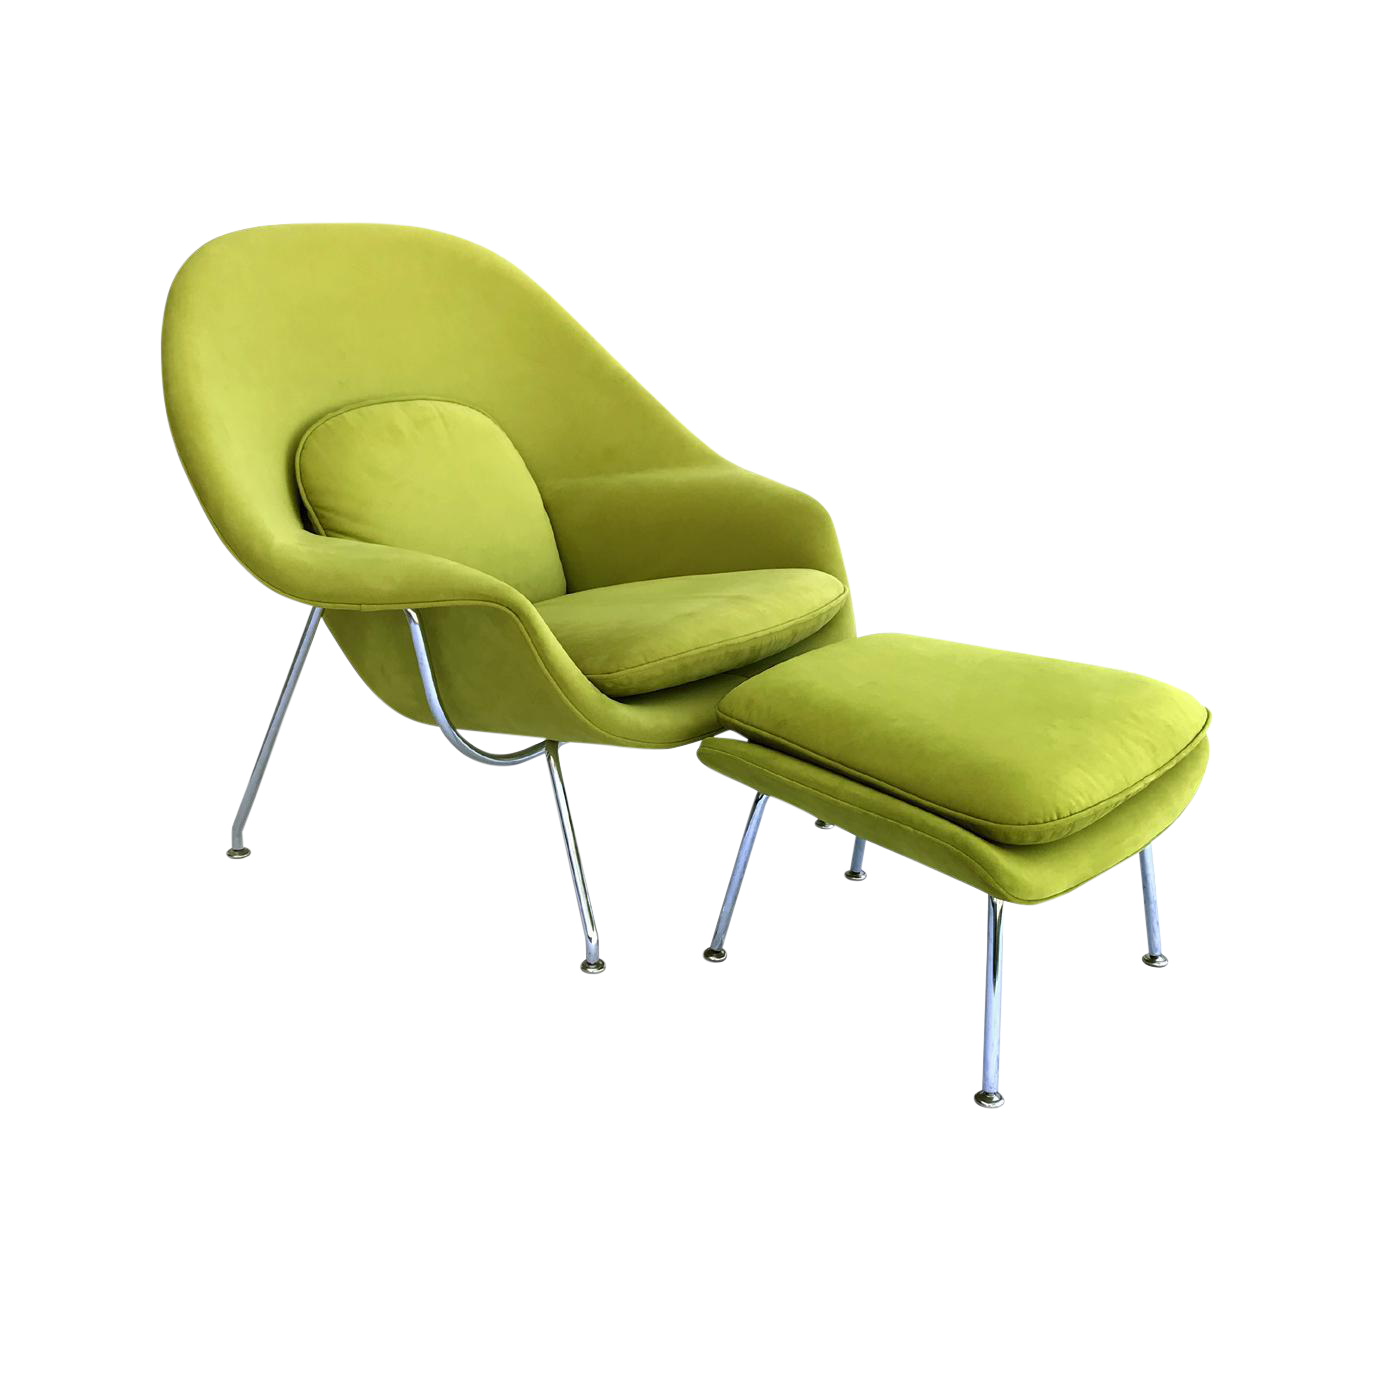 Knoll Saarinen Green Medium Womb Chair U0026 Ottoman